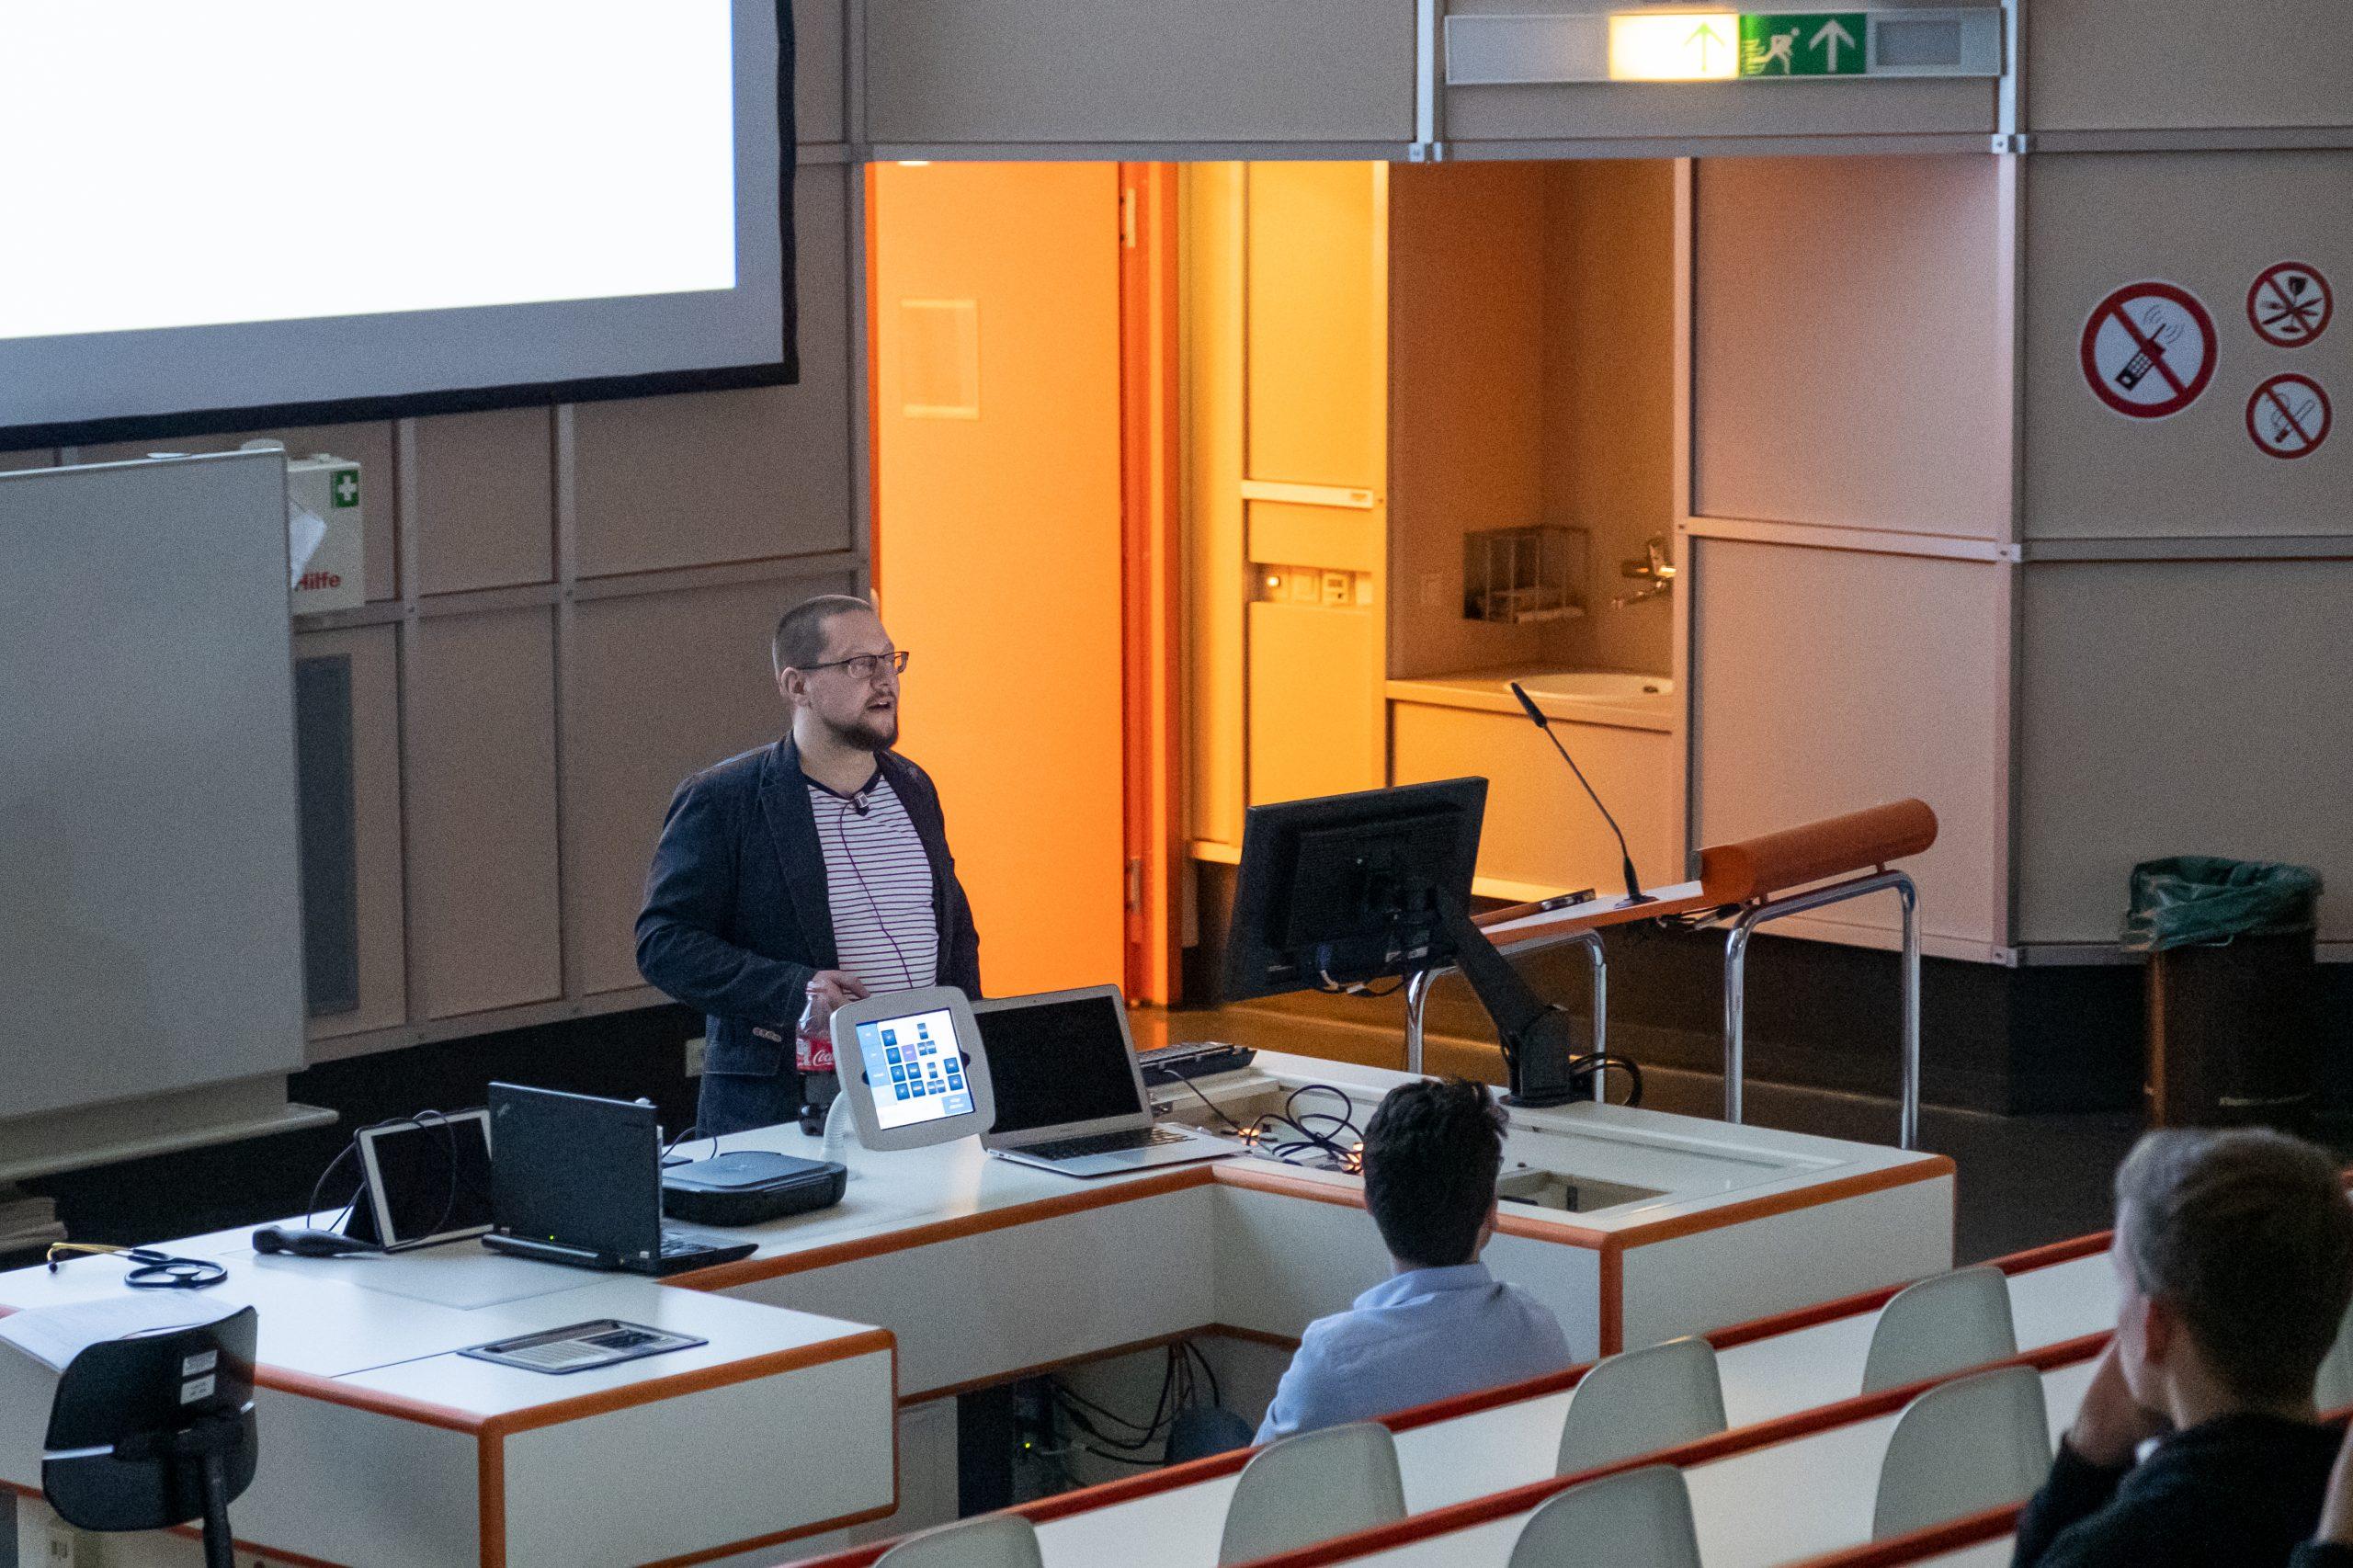 Vortragssaal mit dem Vortragenden, der ins Publikum spricht